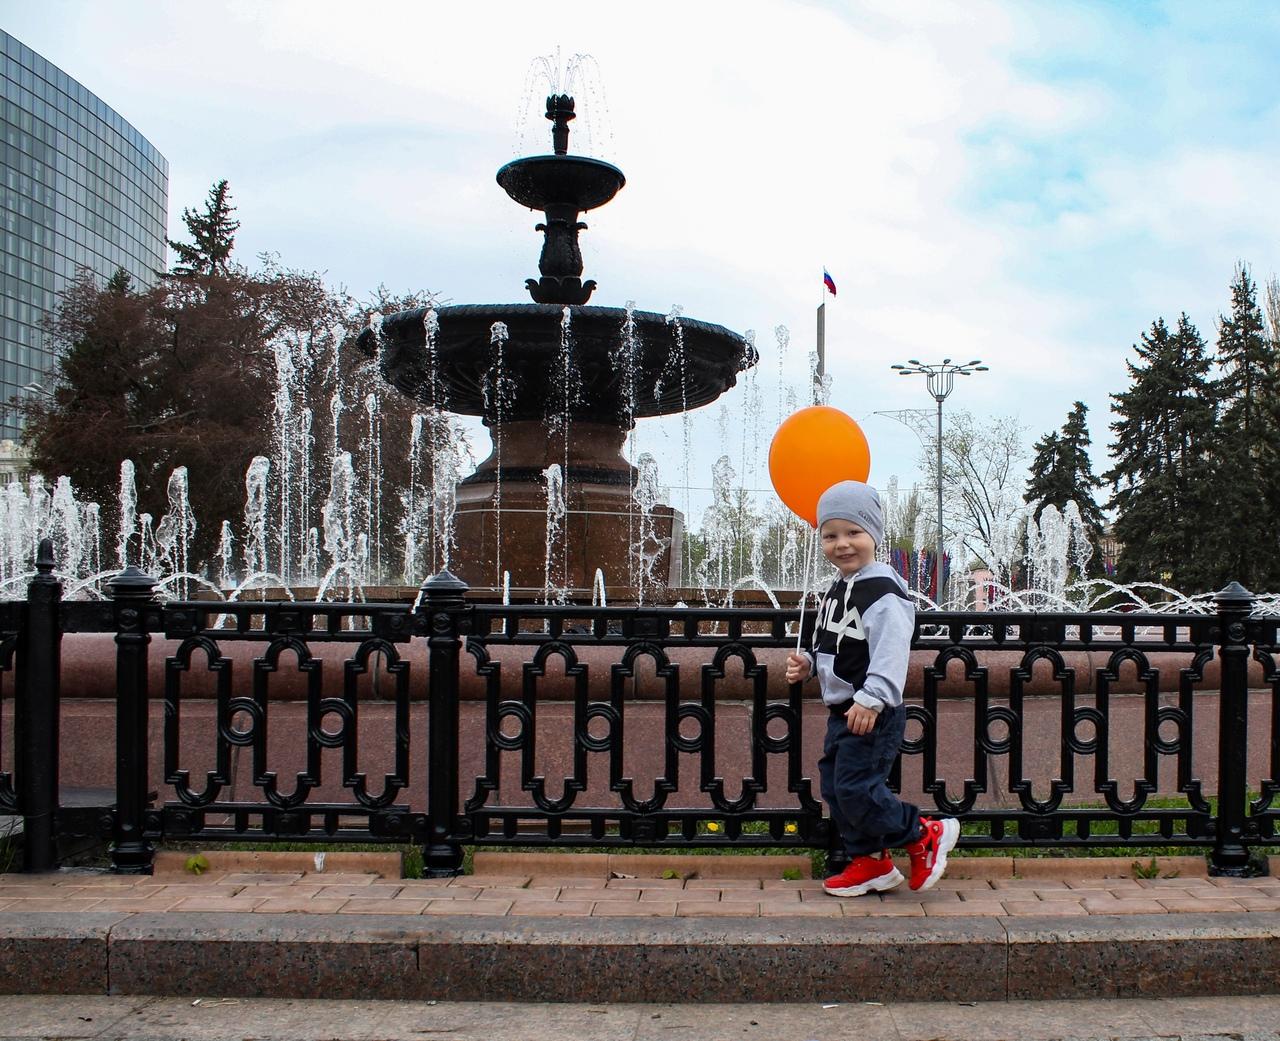 С 1 мая в Донецке открыты парки культуры и отдыха и запущены городские фонтаны